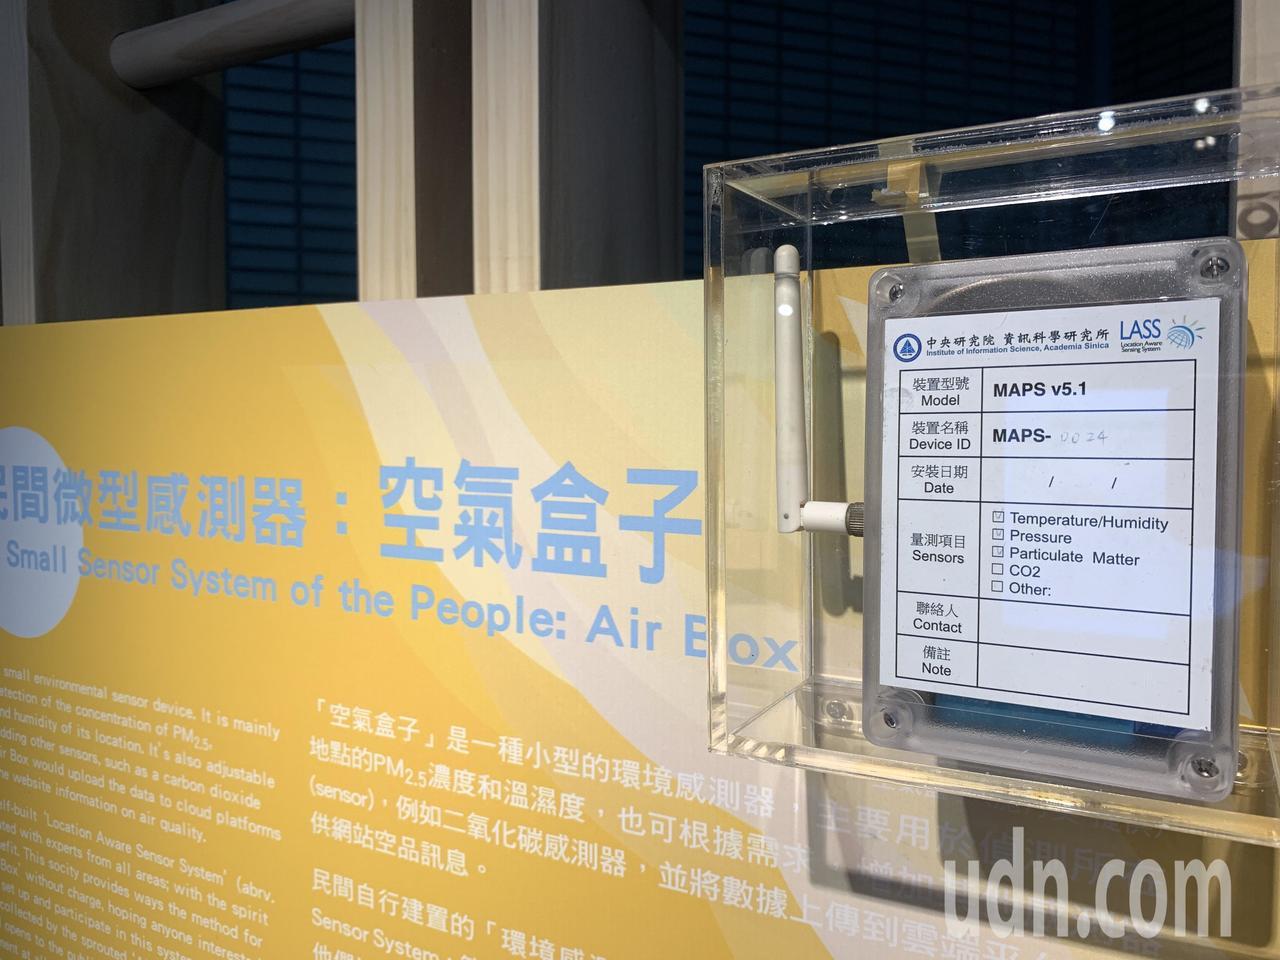 目前環保署已全台建置6千個「微型感測器」,明年要增加至1萬個,空氣盒子、微型感測...